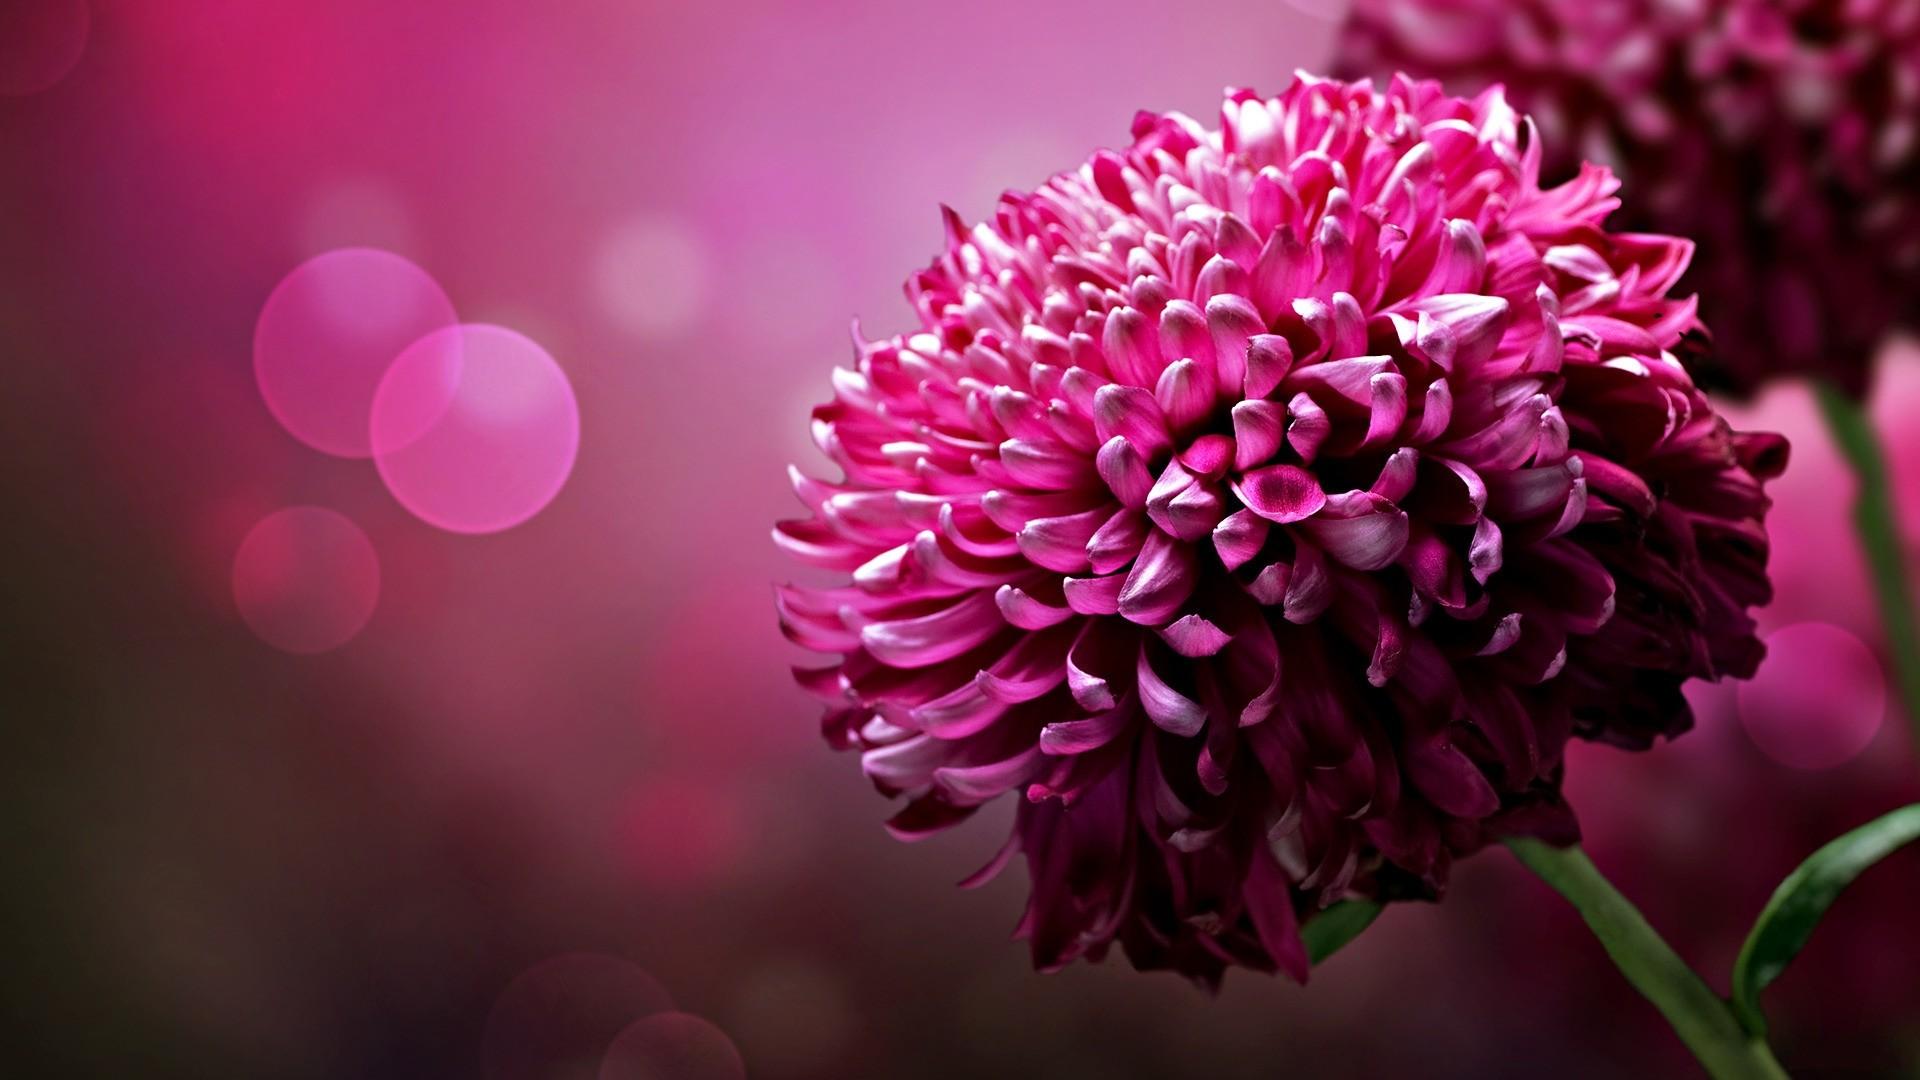 flower wallpapers widescreen